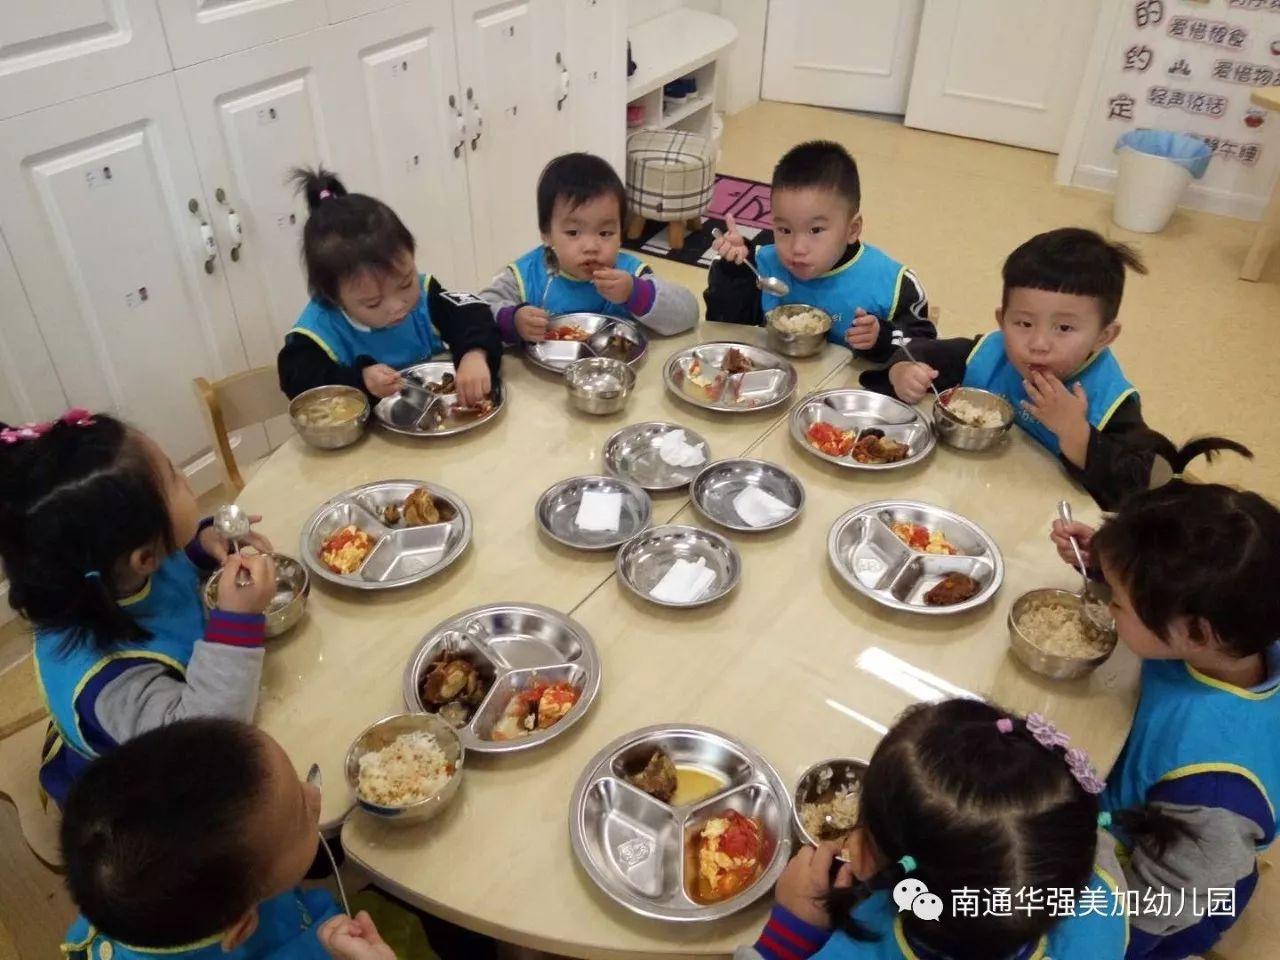 用爱和专业庇护孩子生长——记南通华强美加幼儿园保育员技艺竞赛